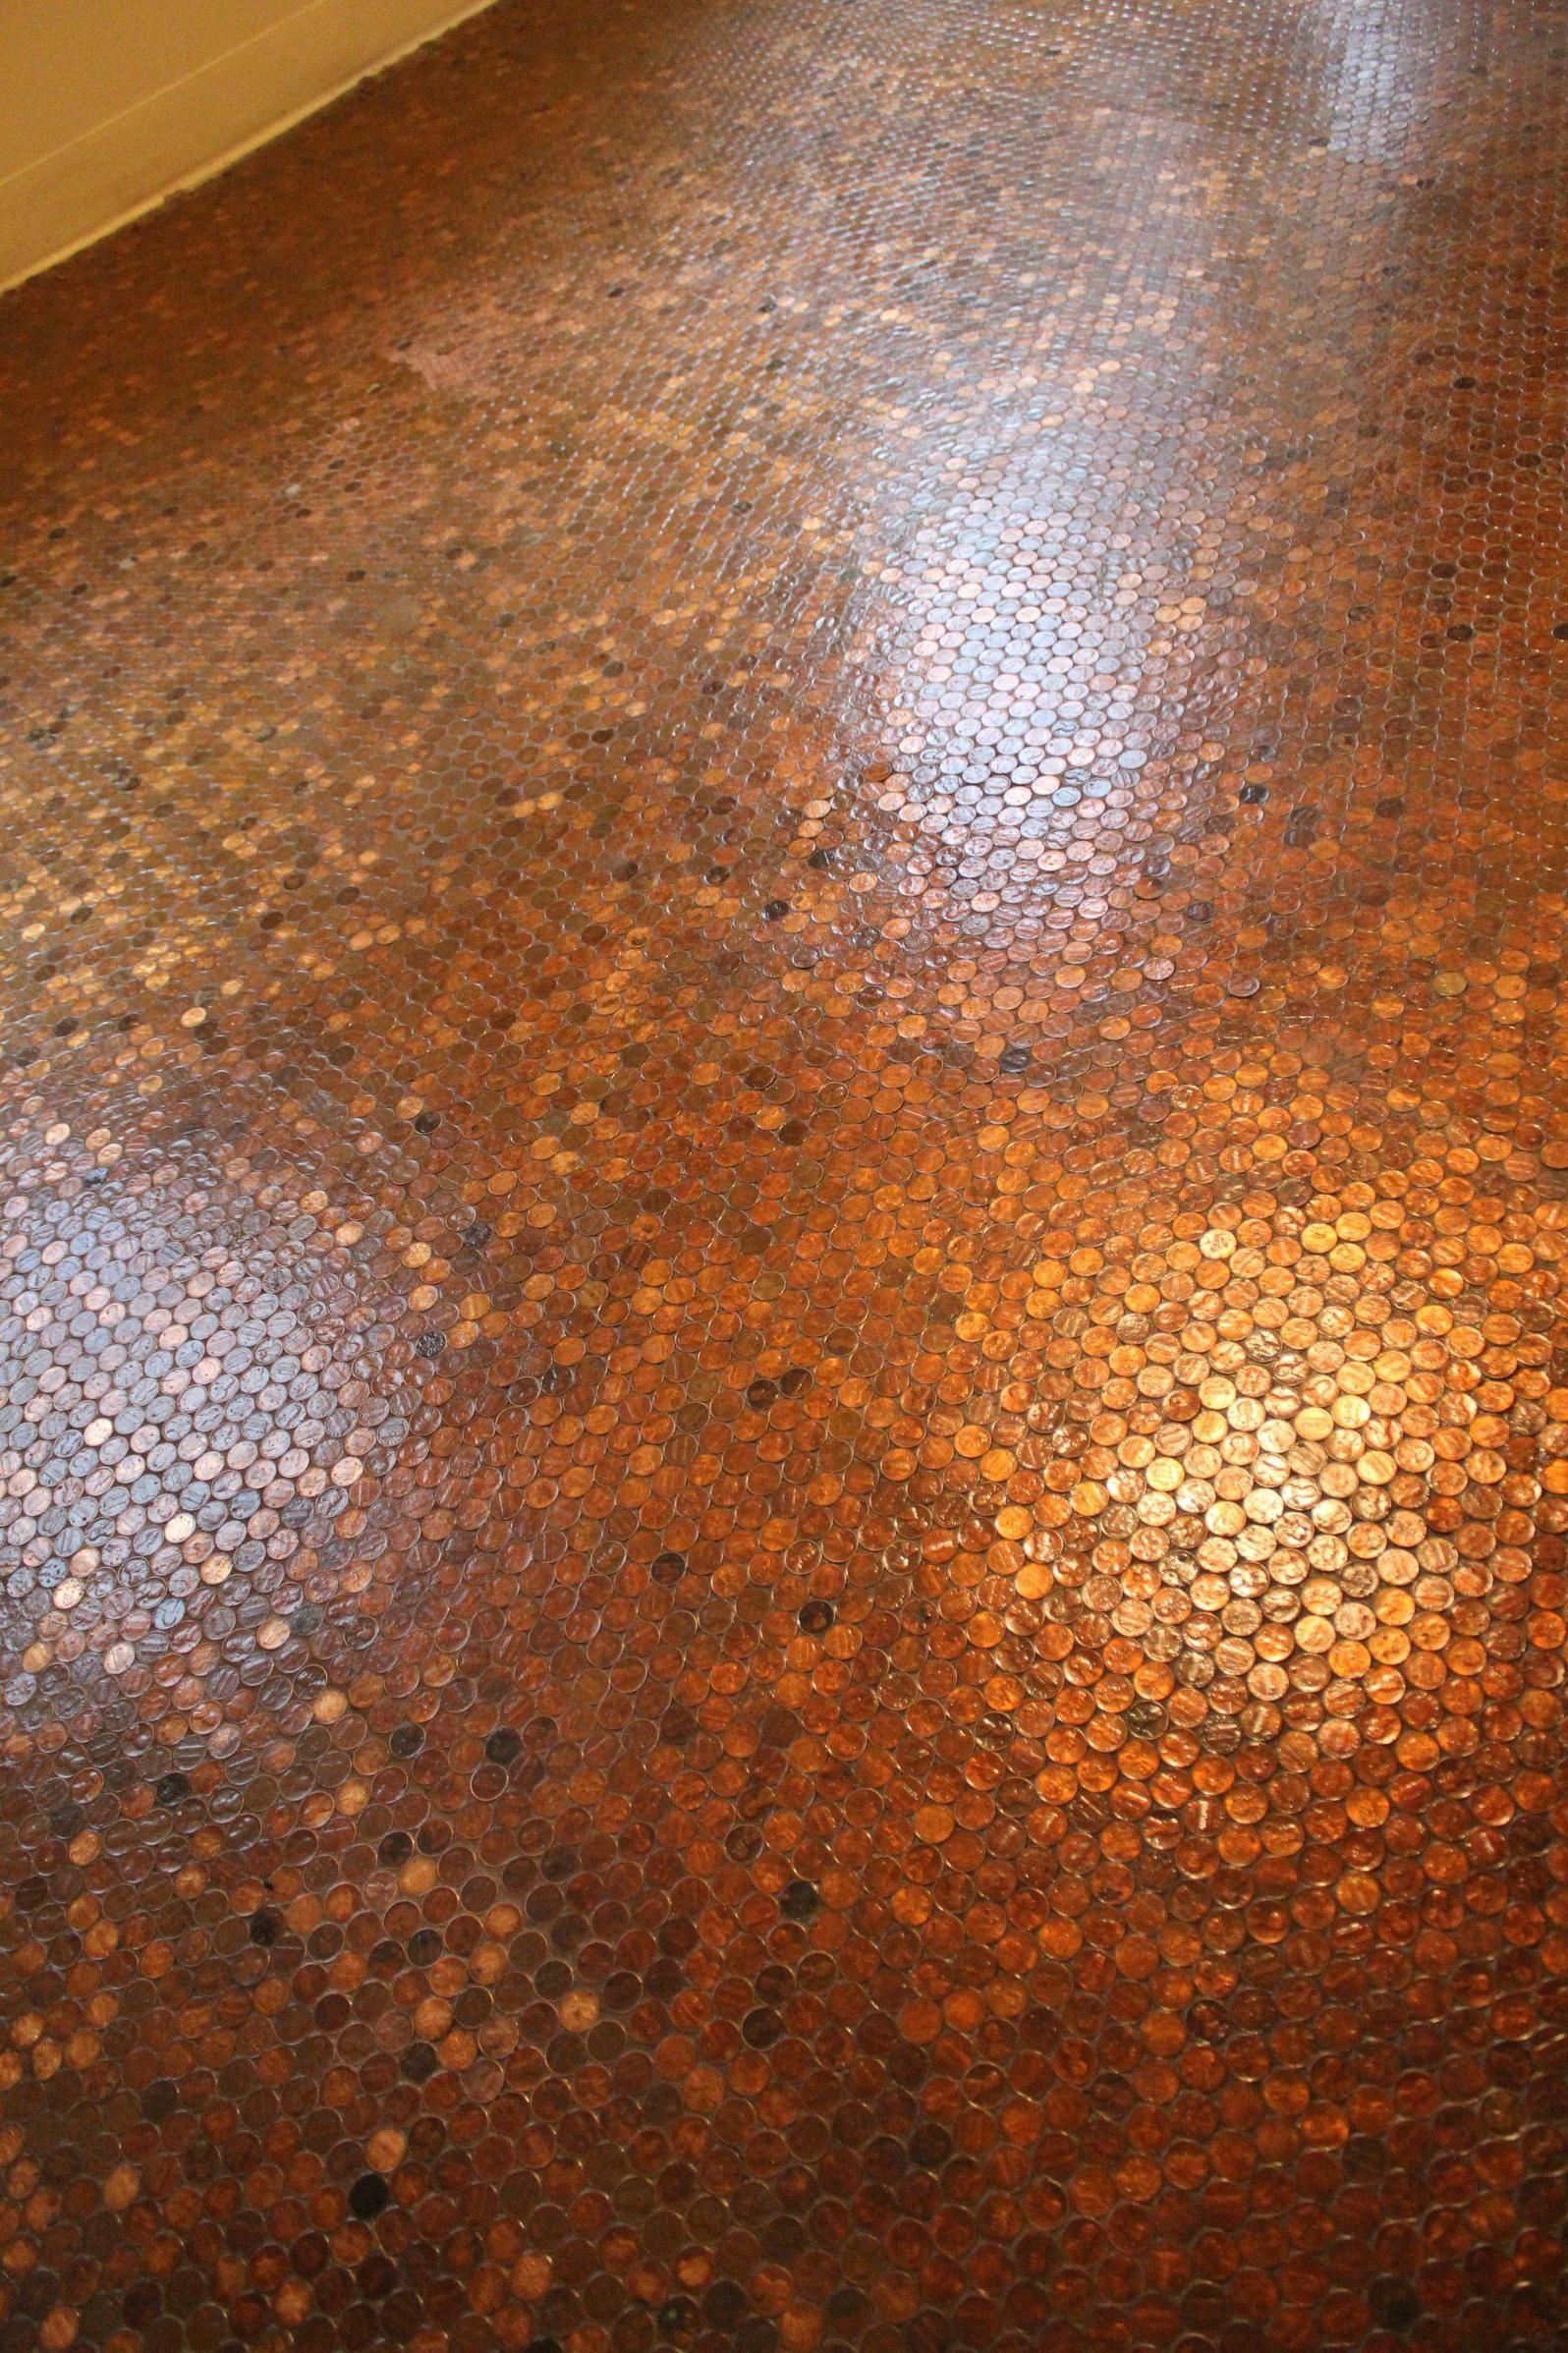 Penny Floor | Rund ums haus, Runde und Häuschen